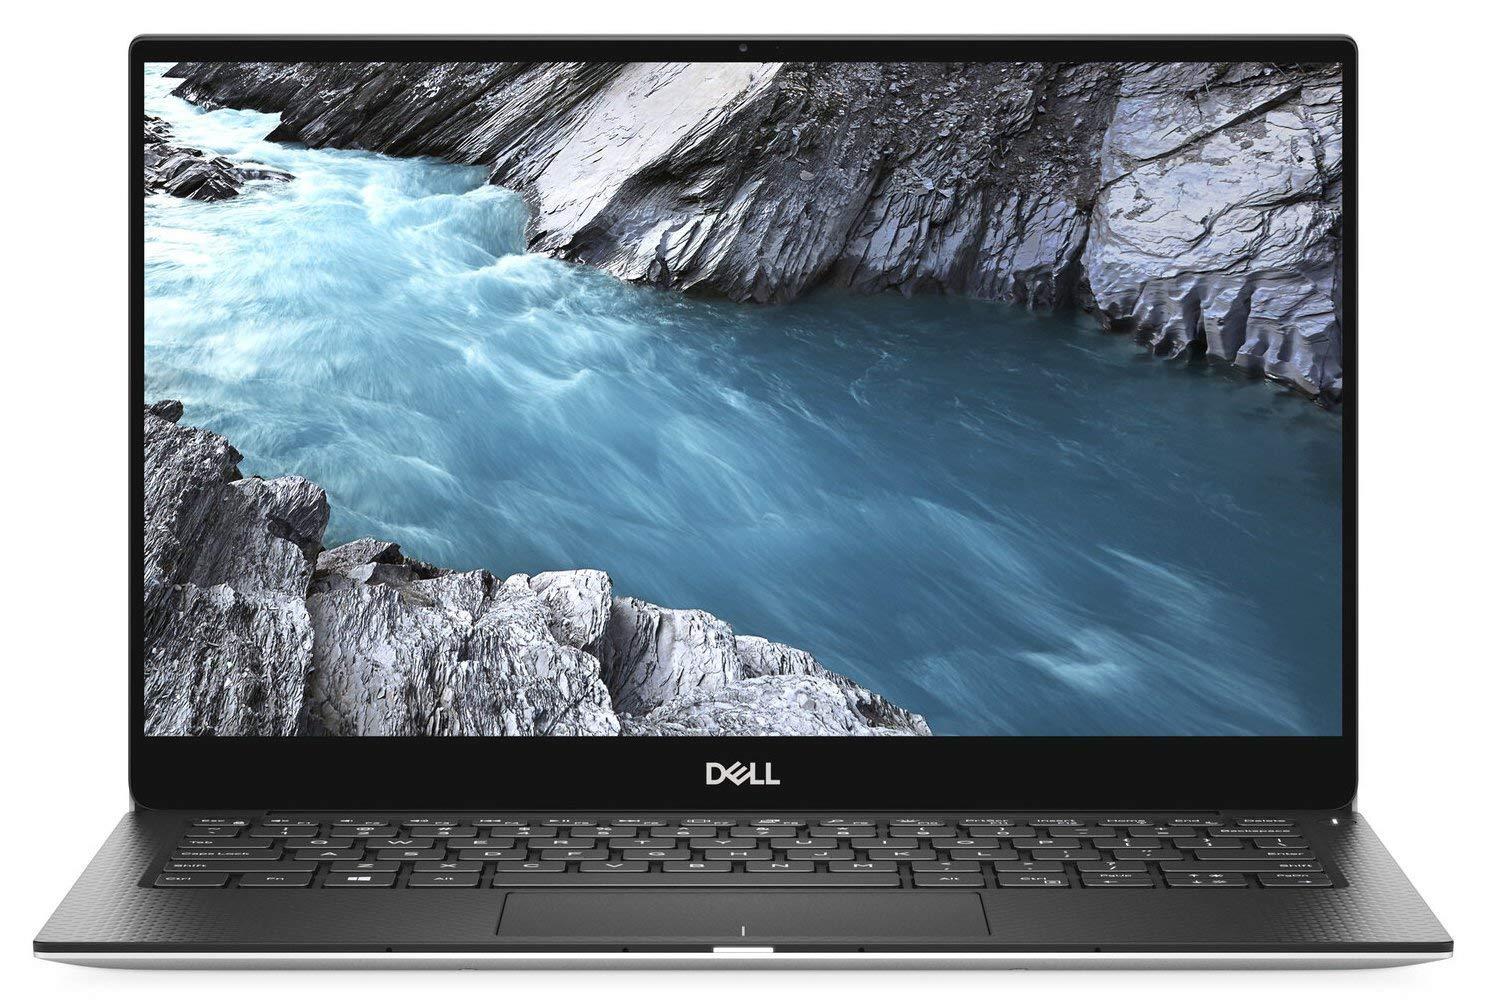 Ultrabook Dell XPS 13 9380 13.3 Full HD Intel Core i7-8565U RAM 8GB SSD 256GB Windows 10 Pro Argintiu